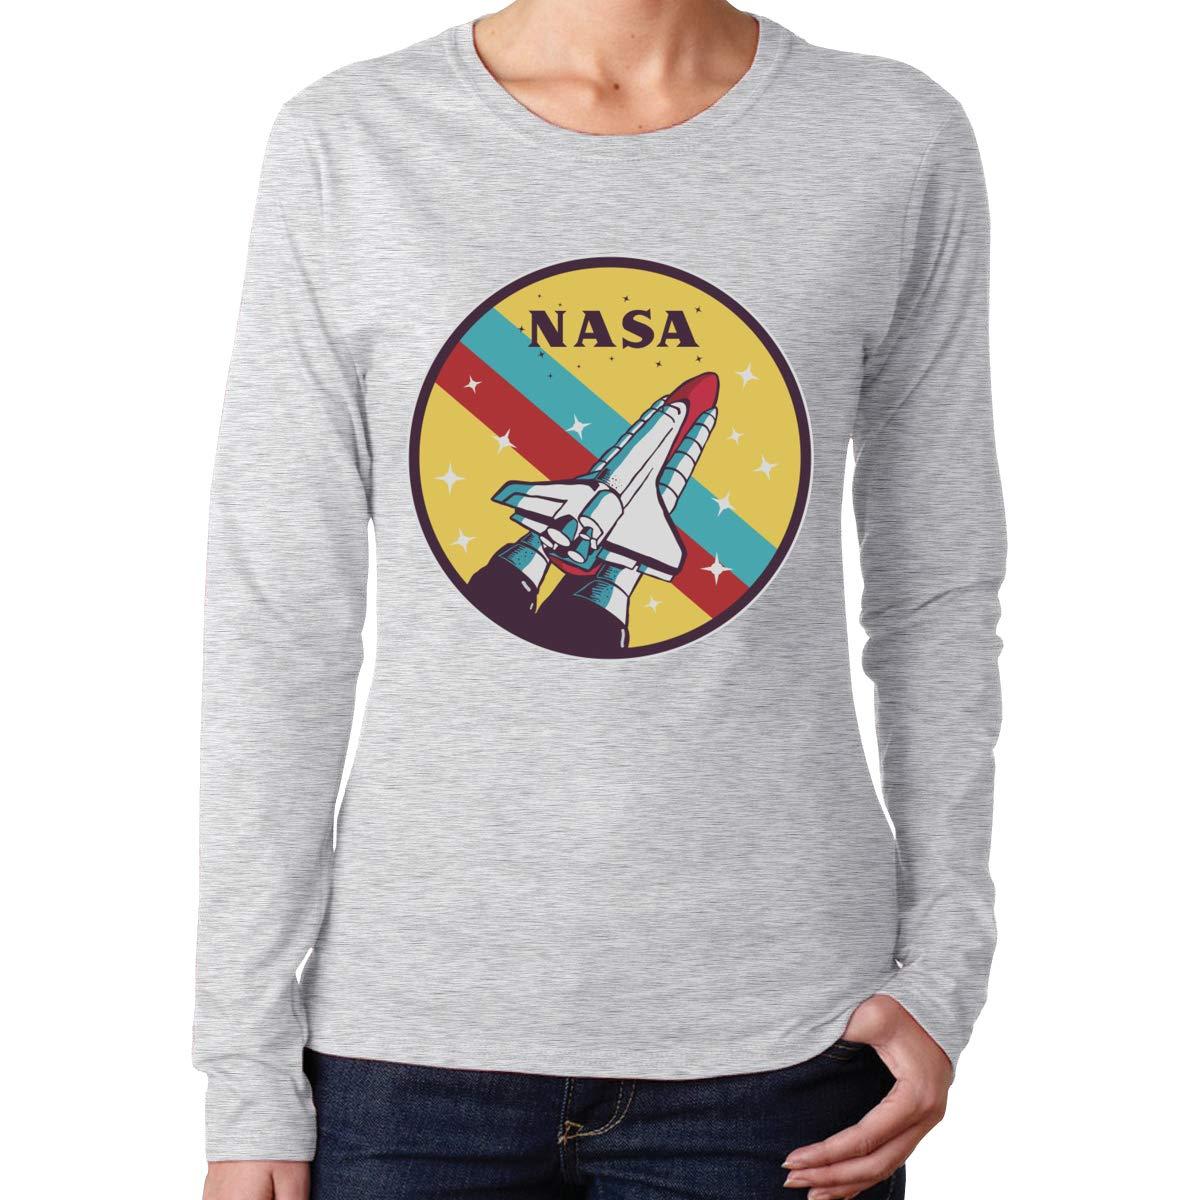 Vintage Fashion T Shirts 5622